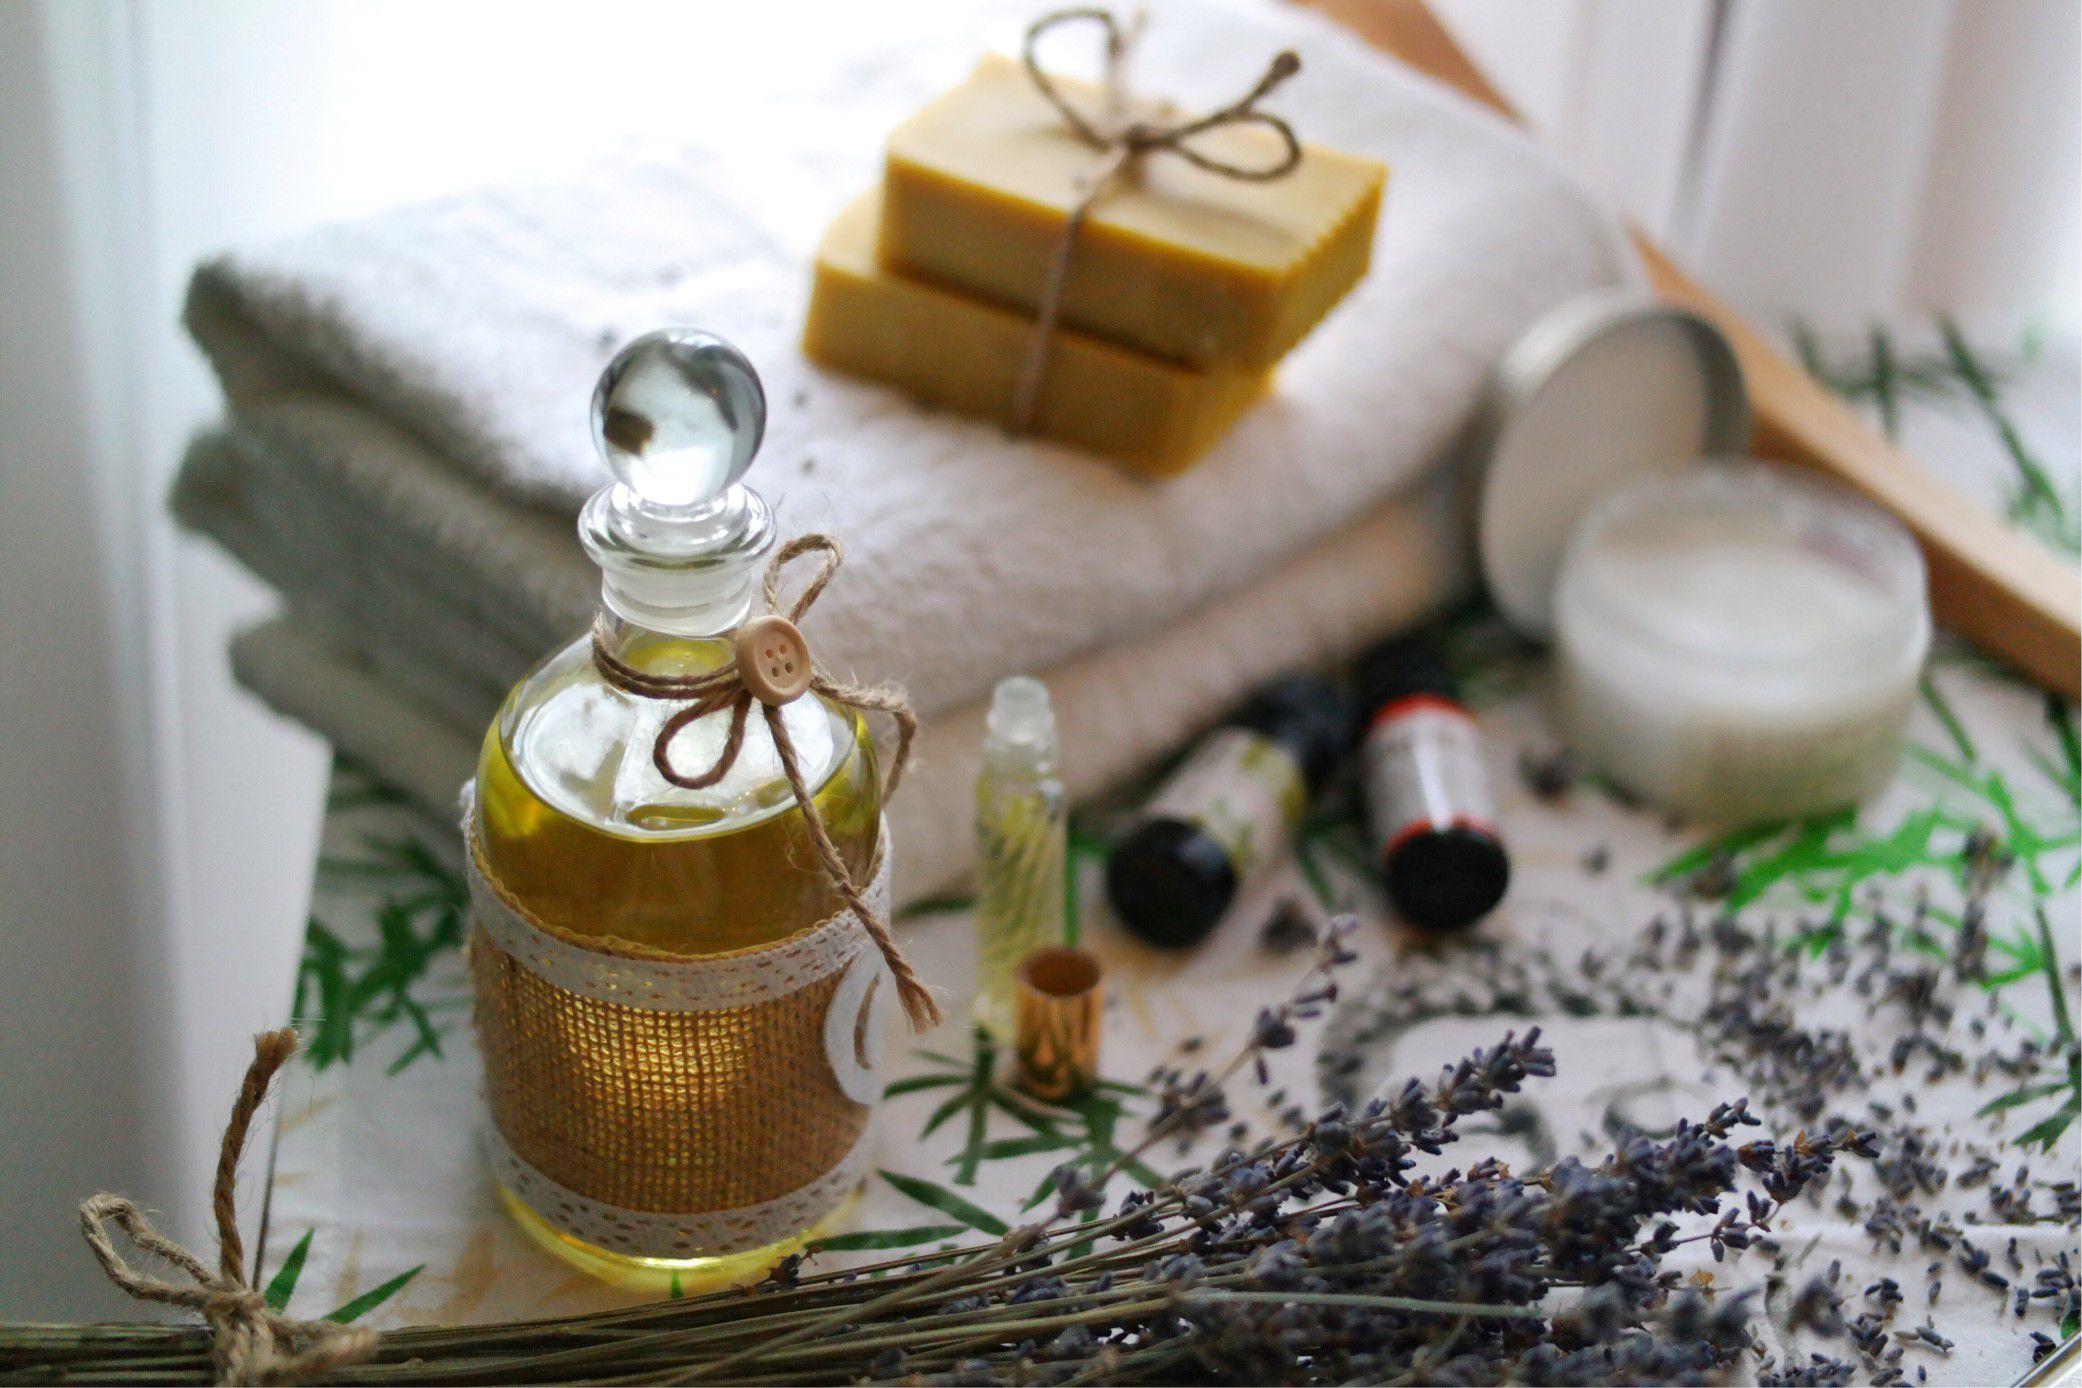 Эфирные масла для бани: как использовать аромамасла для ароматерапии в бане